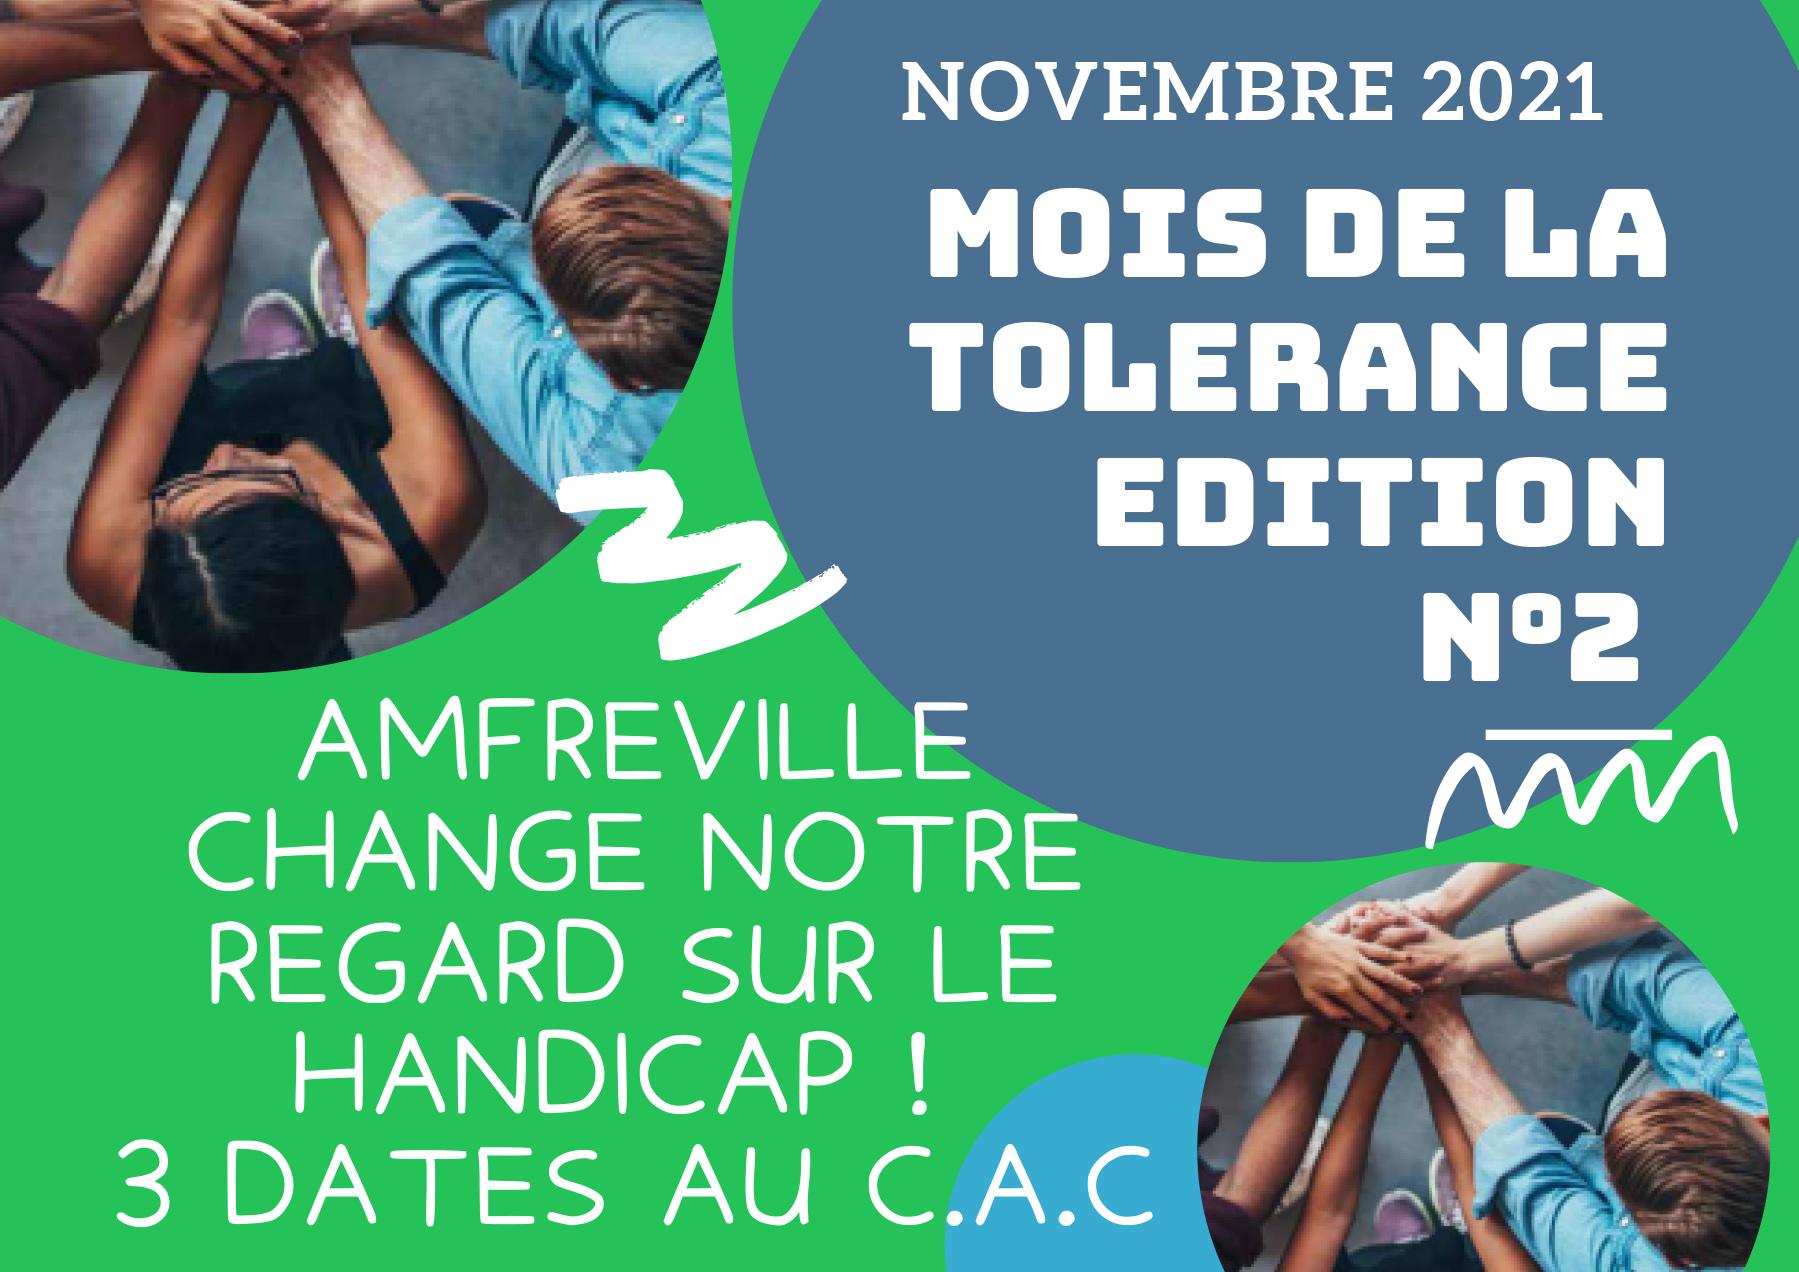 mois de la tolérance edition n°2